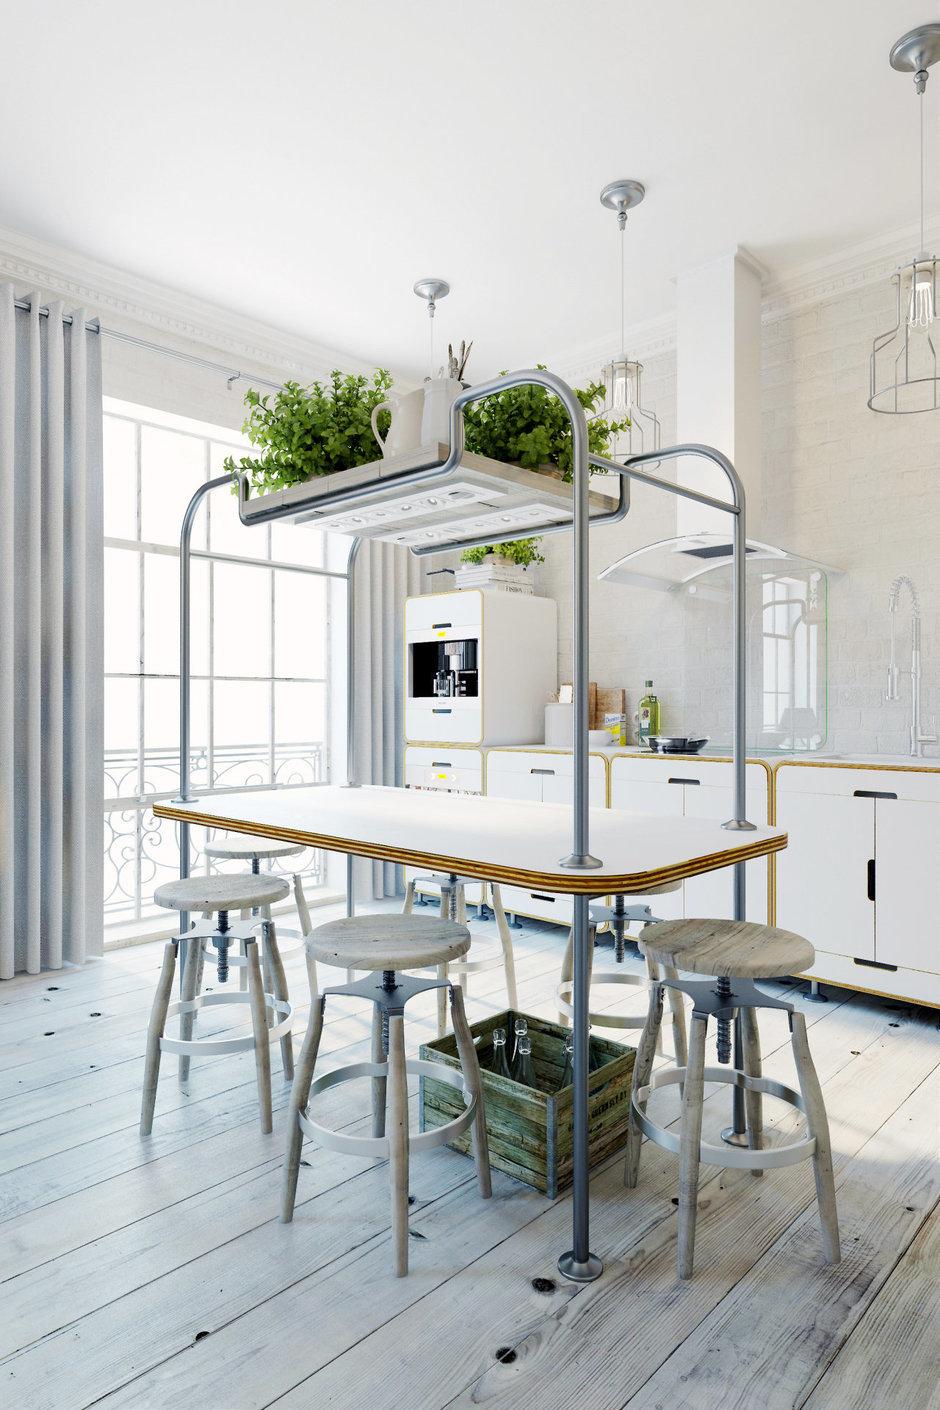 Фотография: Кухня и столовая в стиле Лофт, Квартира, Цвет в интерьере, Дома и квартиры, Белый – фото на InMyRoom.ru